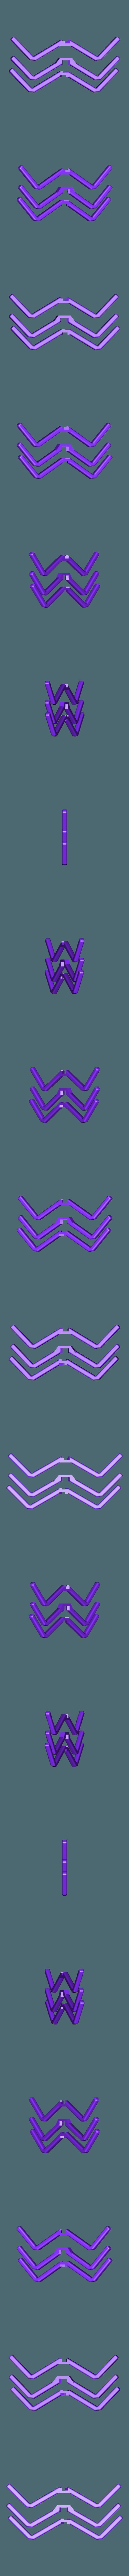 legs.stl Télécharger fichier STL gratuit Casse-Noisette Phage • Objet pour impression 3D, fuco